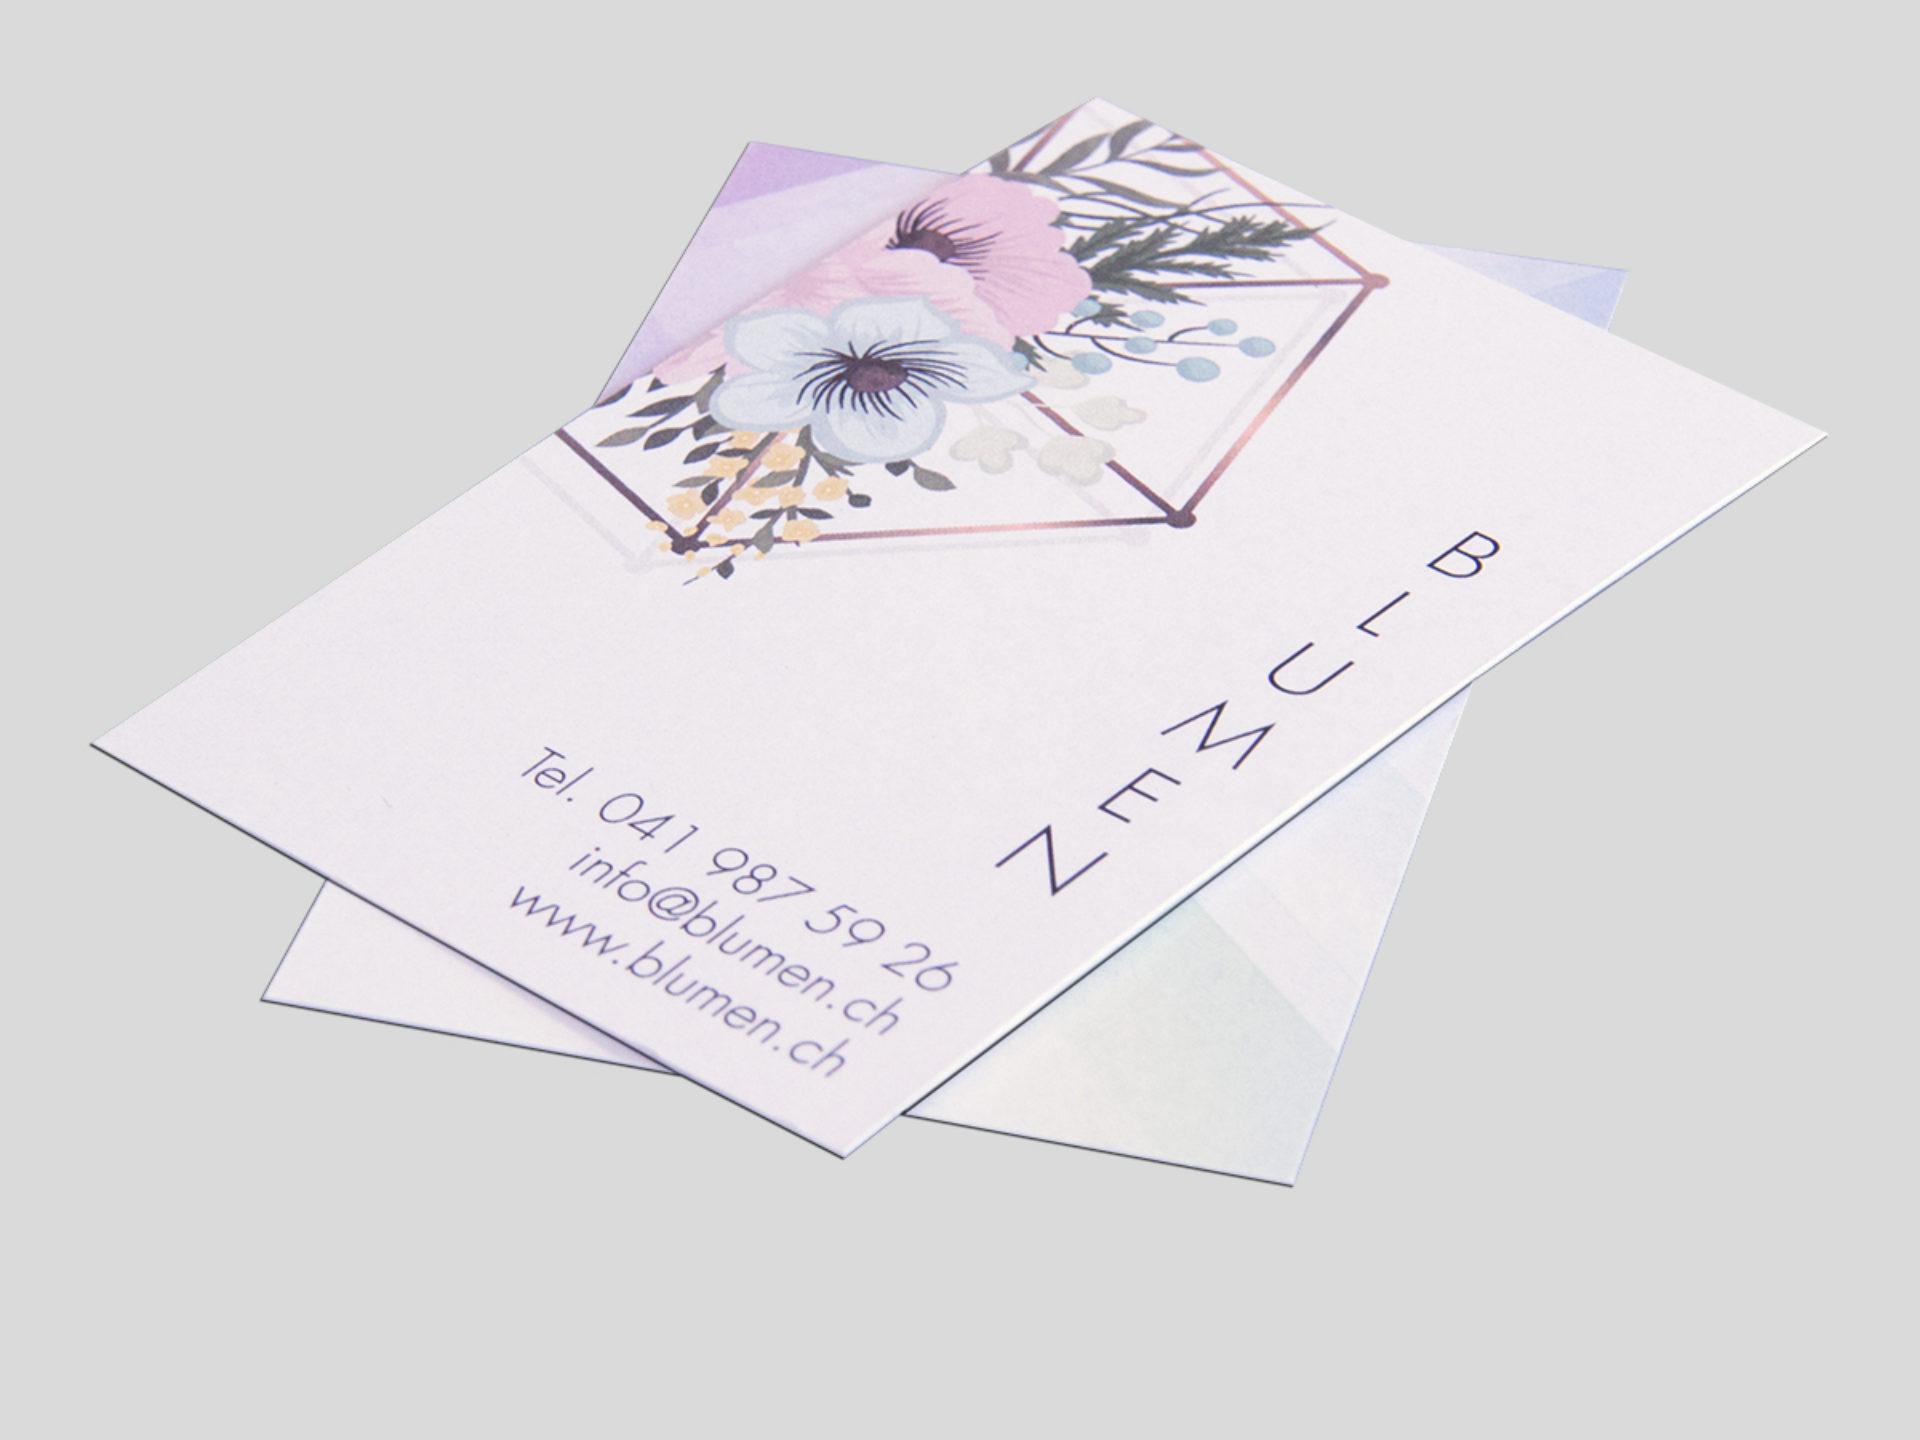 Visitenkarten drucken lassen, Schlüssel Druck, Copyshop